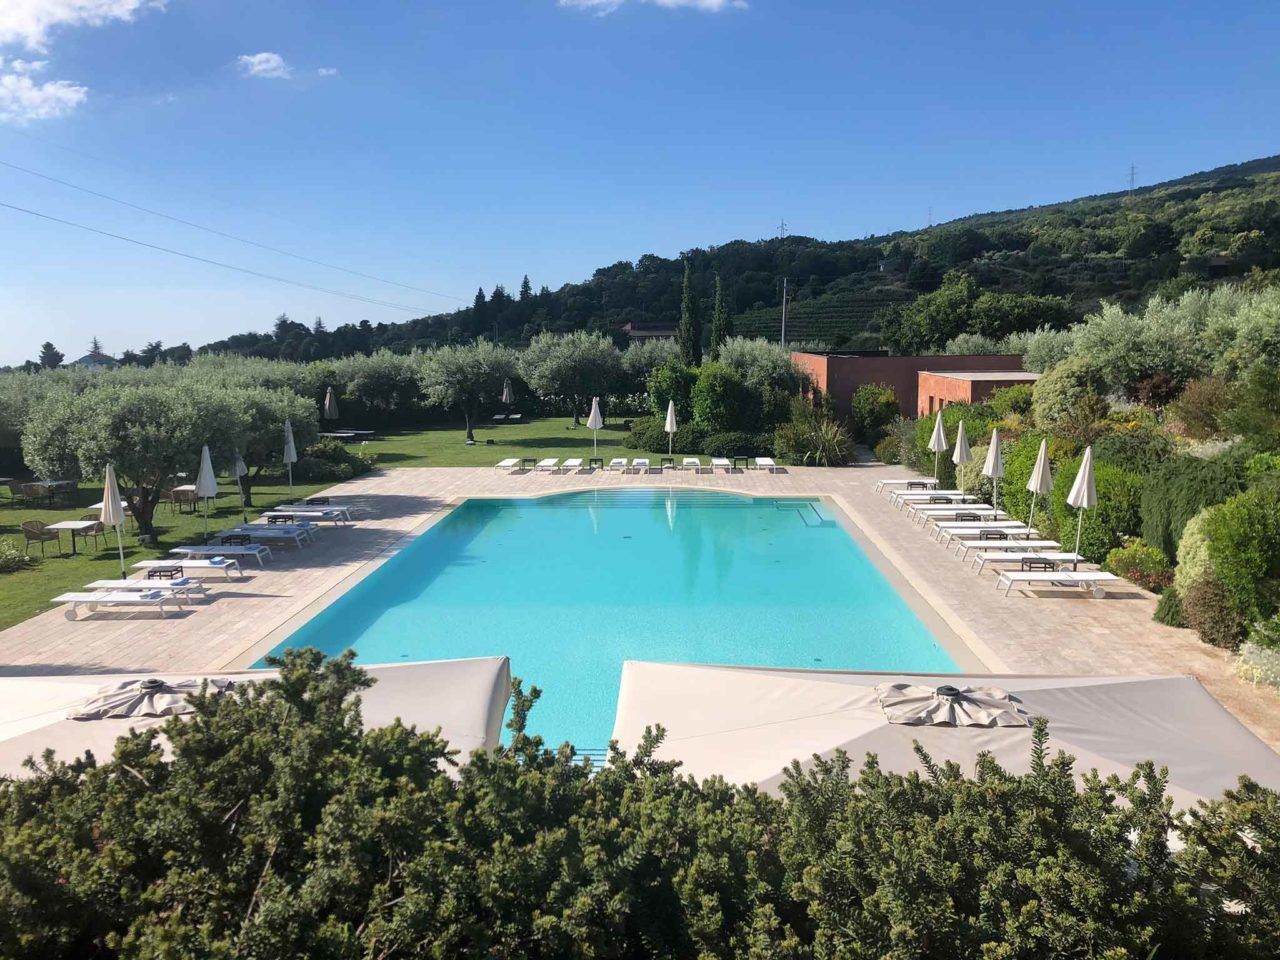 Villa Neri Sicilia Linguaglossa Etna ristorante Dodici Fontane piscina